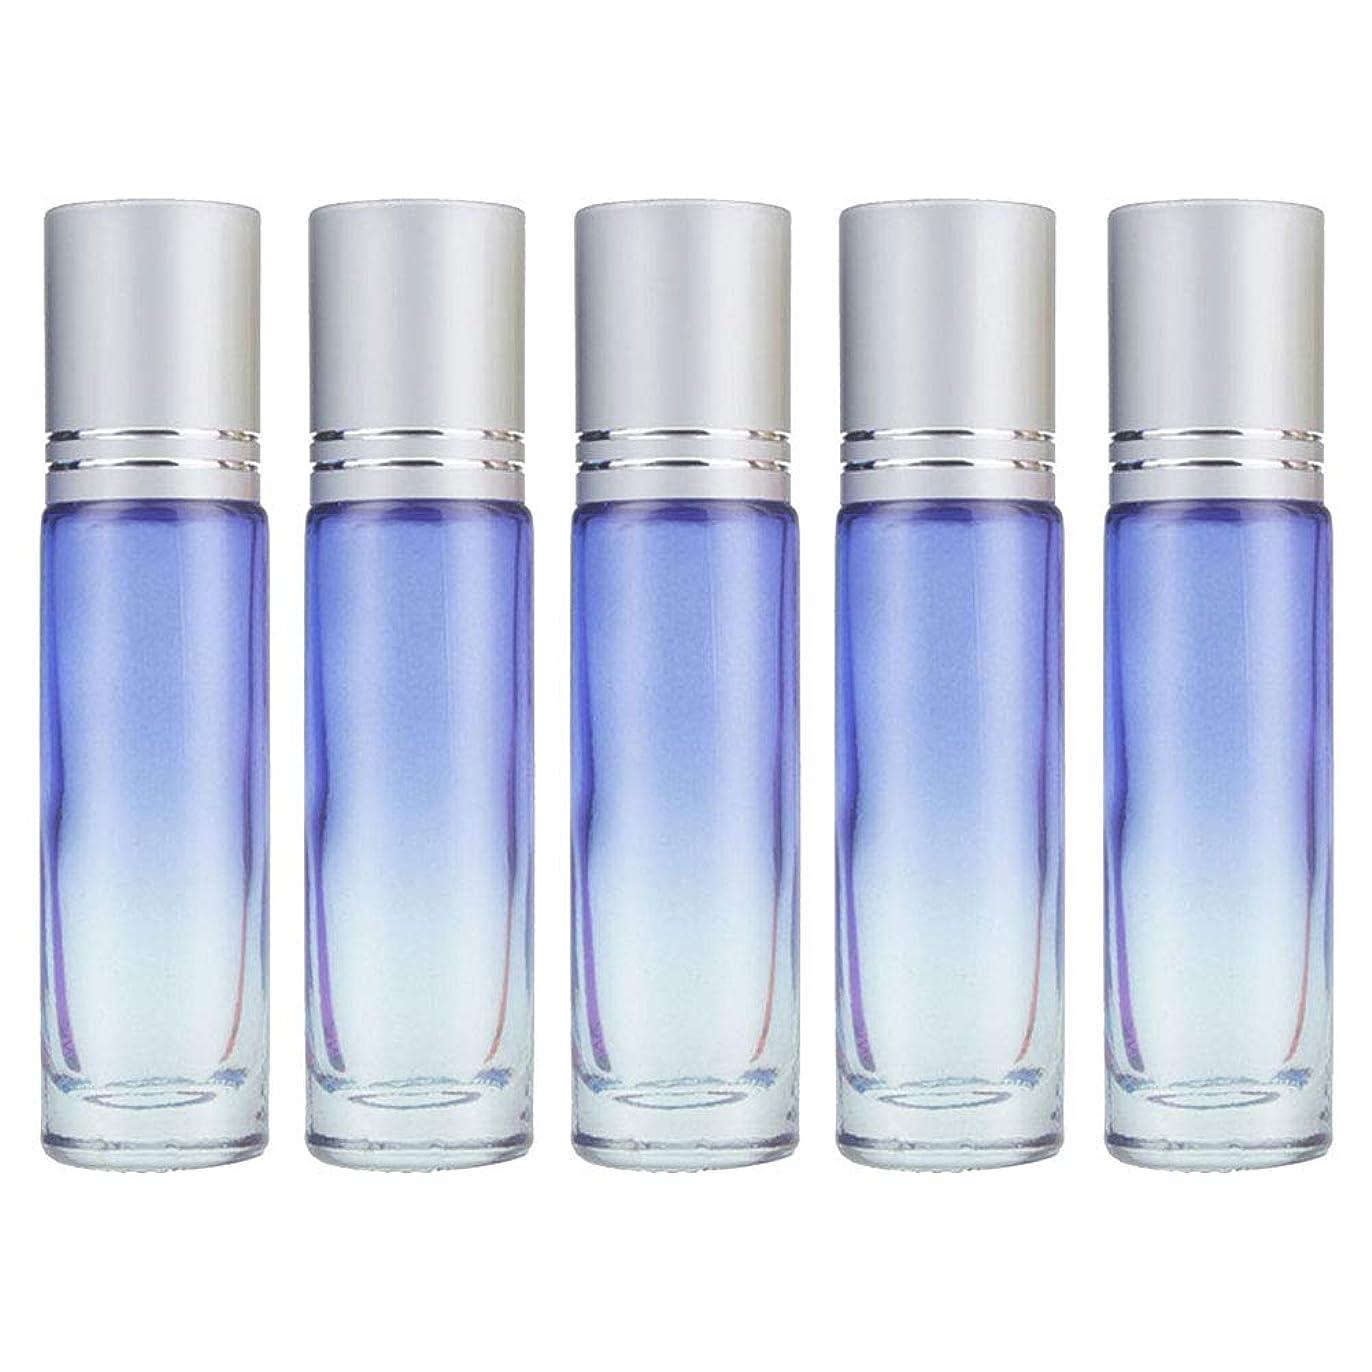 やさしくすることになっている付き添い人Vi.yo 小分けボトル ロールオンボトル 香水 化粧水 詰替用ボトル 携帯用 旅行用品 10ml 5本セット